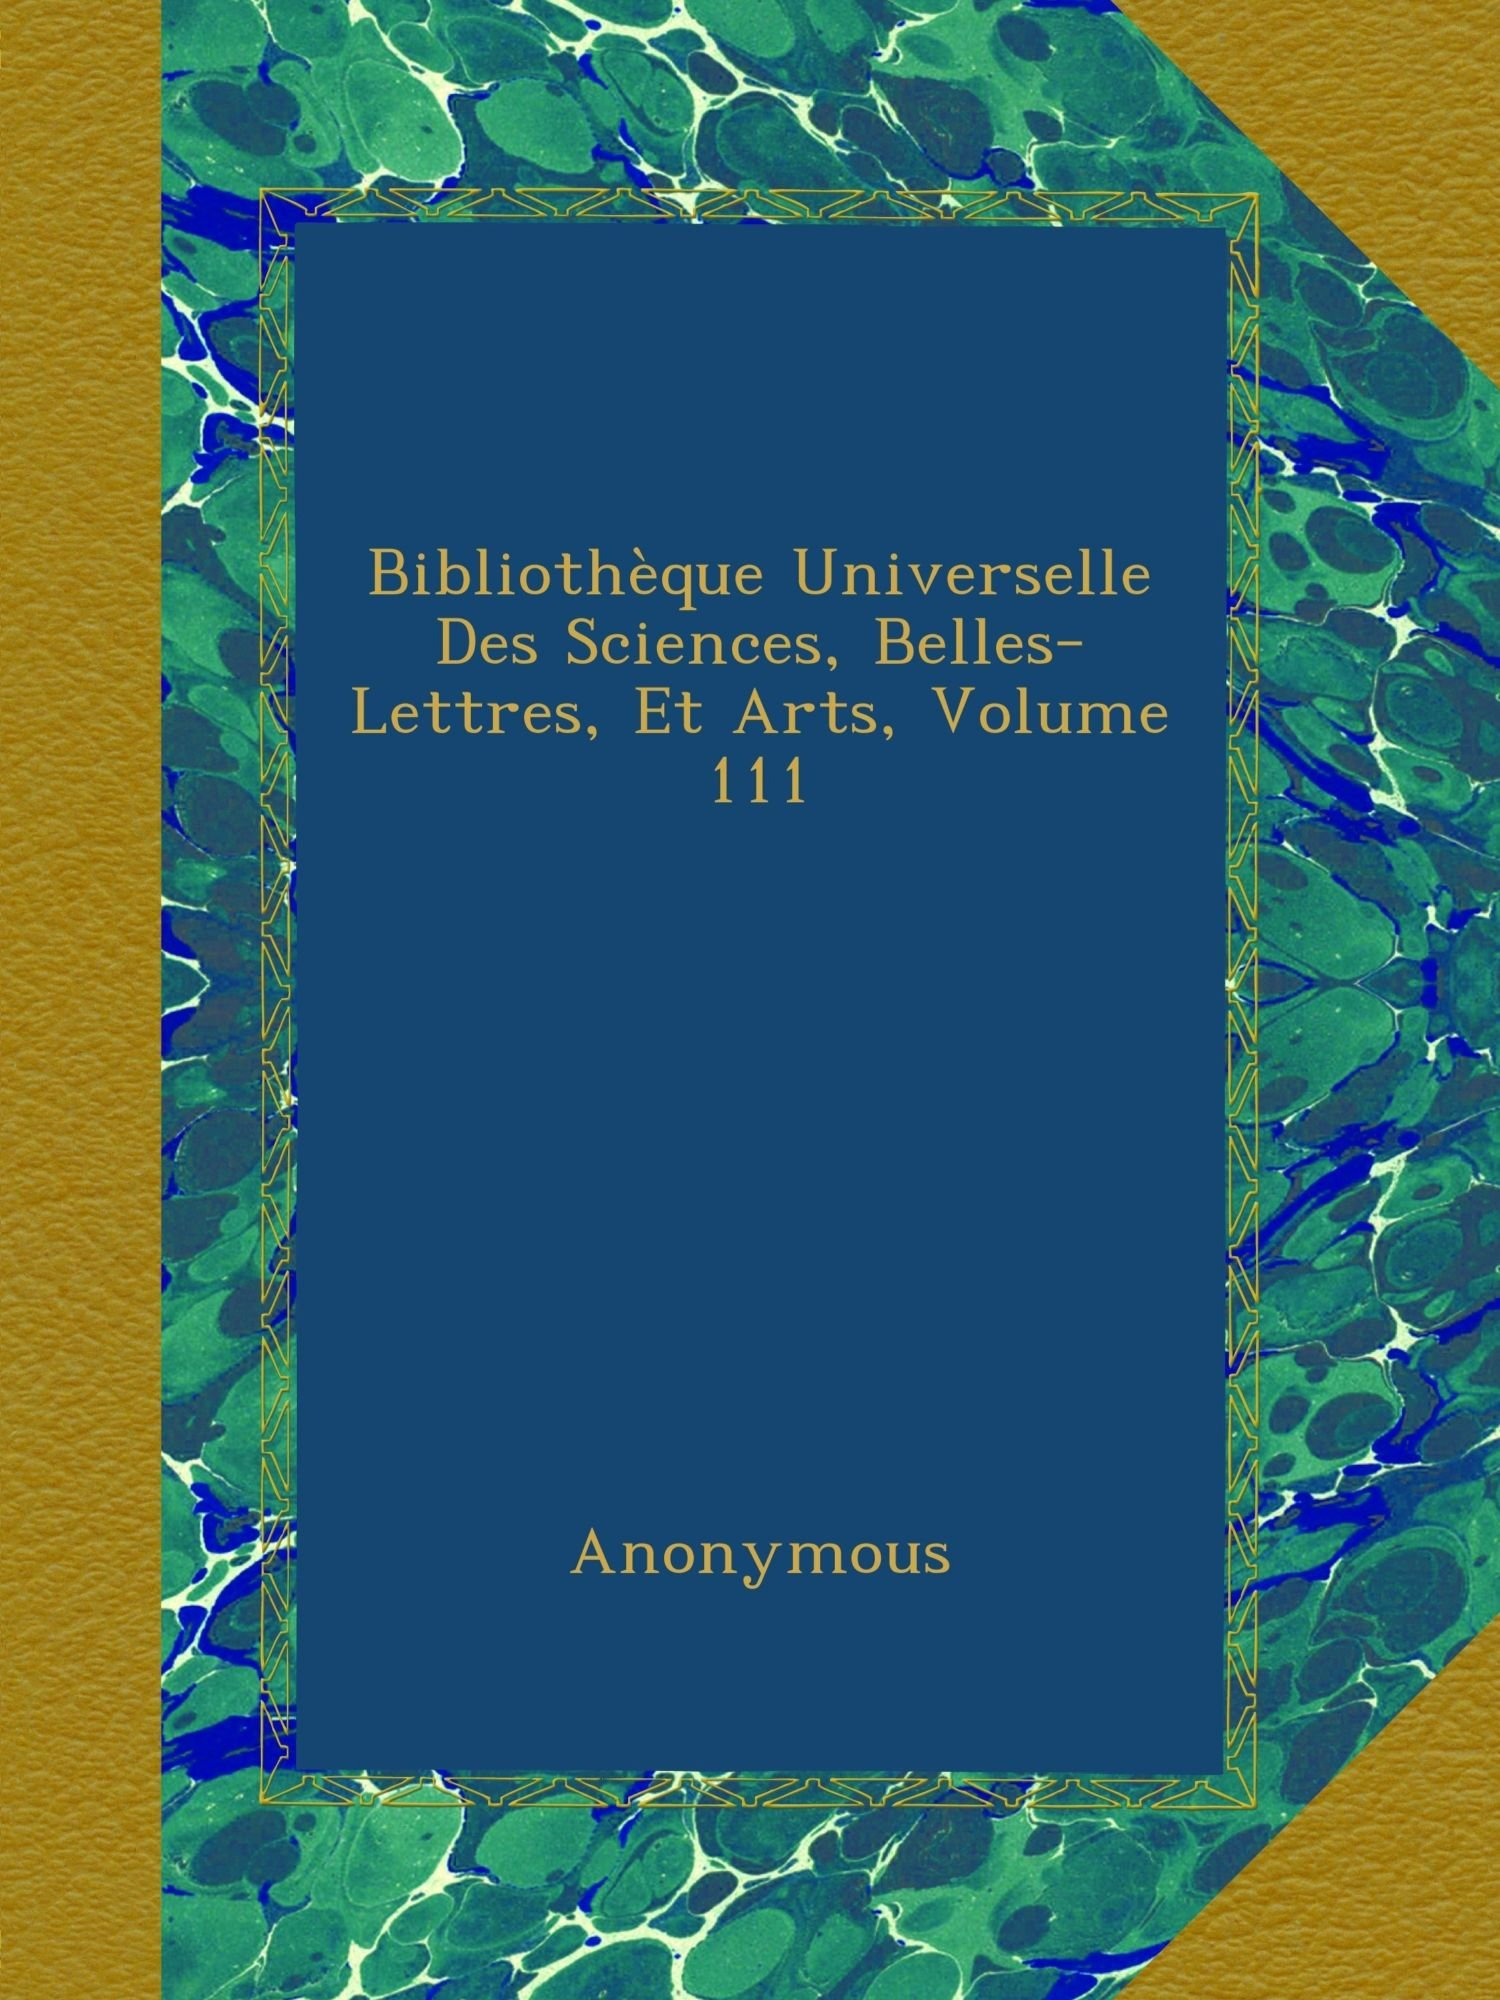 Bibliothèque Universelle Des Sciences, Belles-Lettres, Et Arts, Volume 111 (French Edition) pdf epub